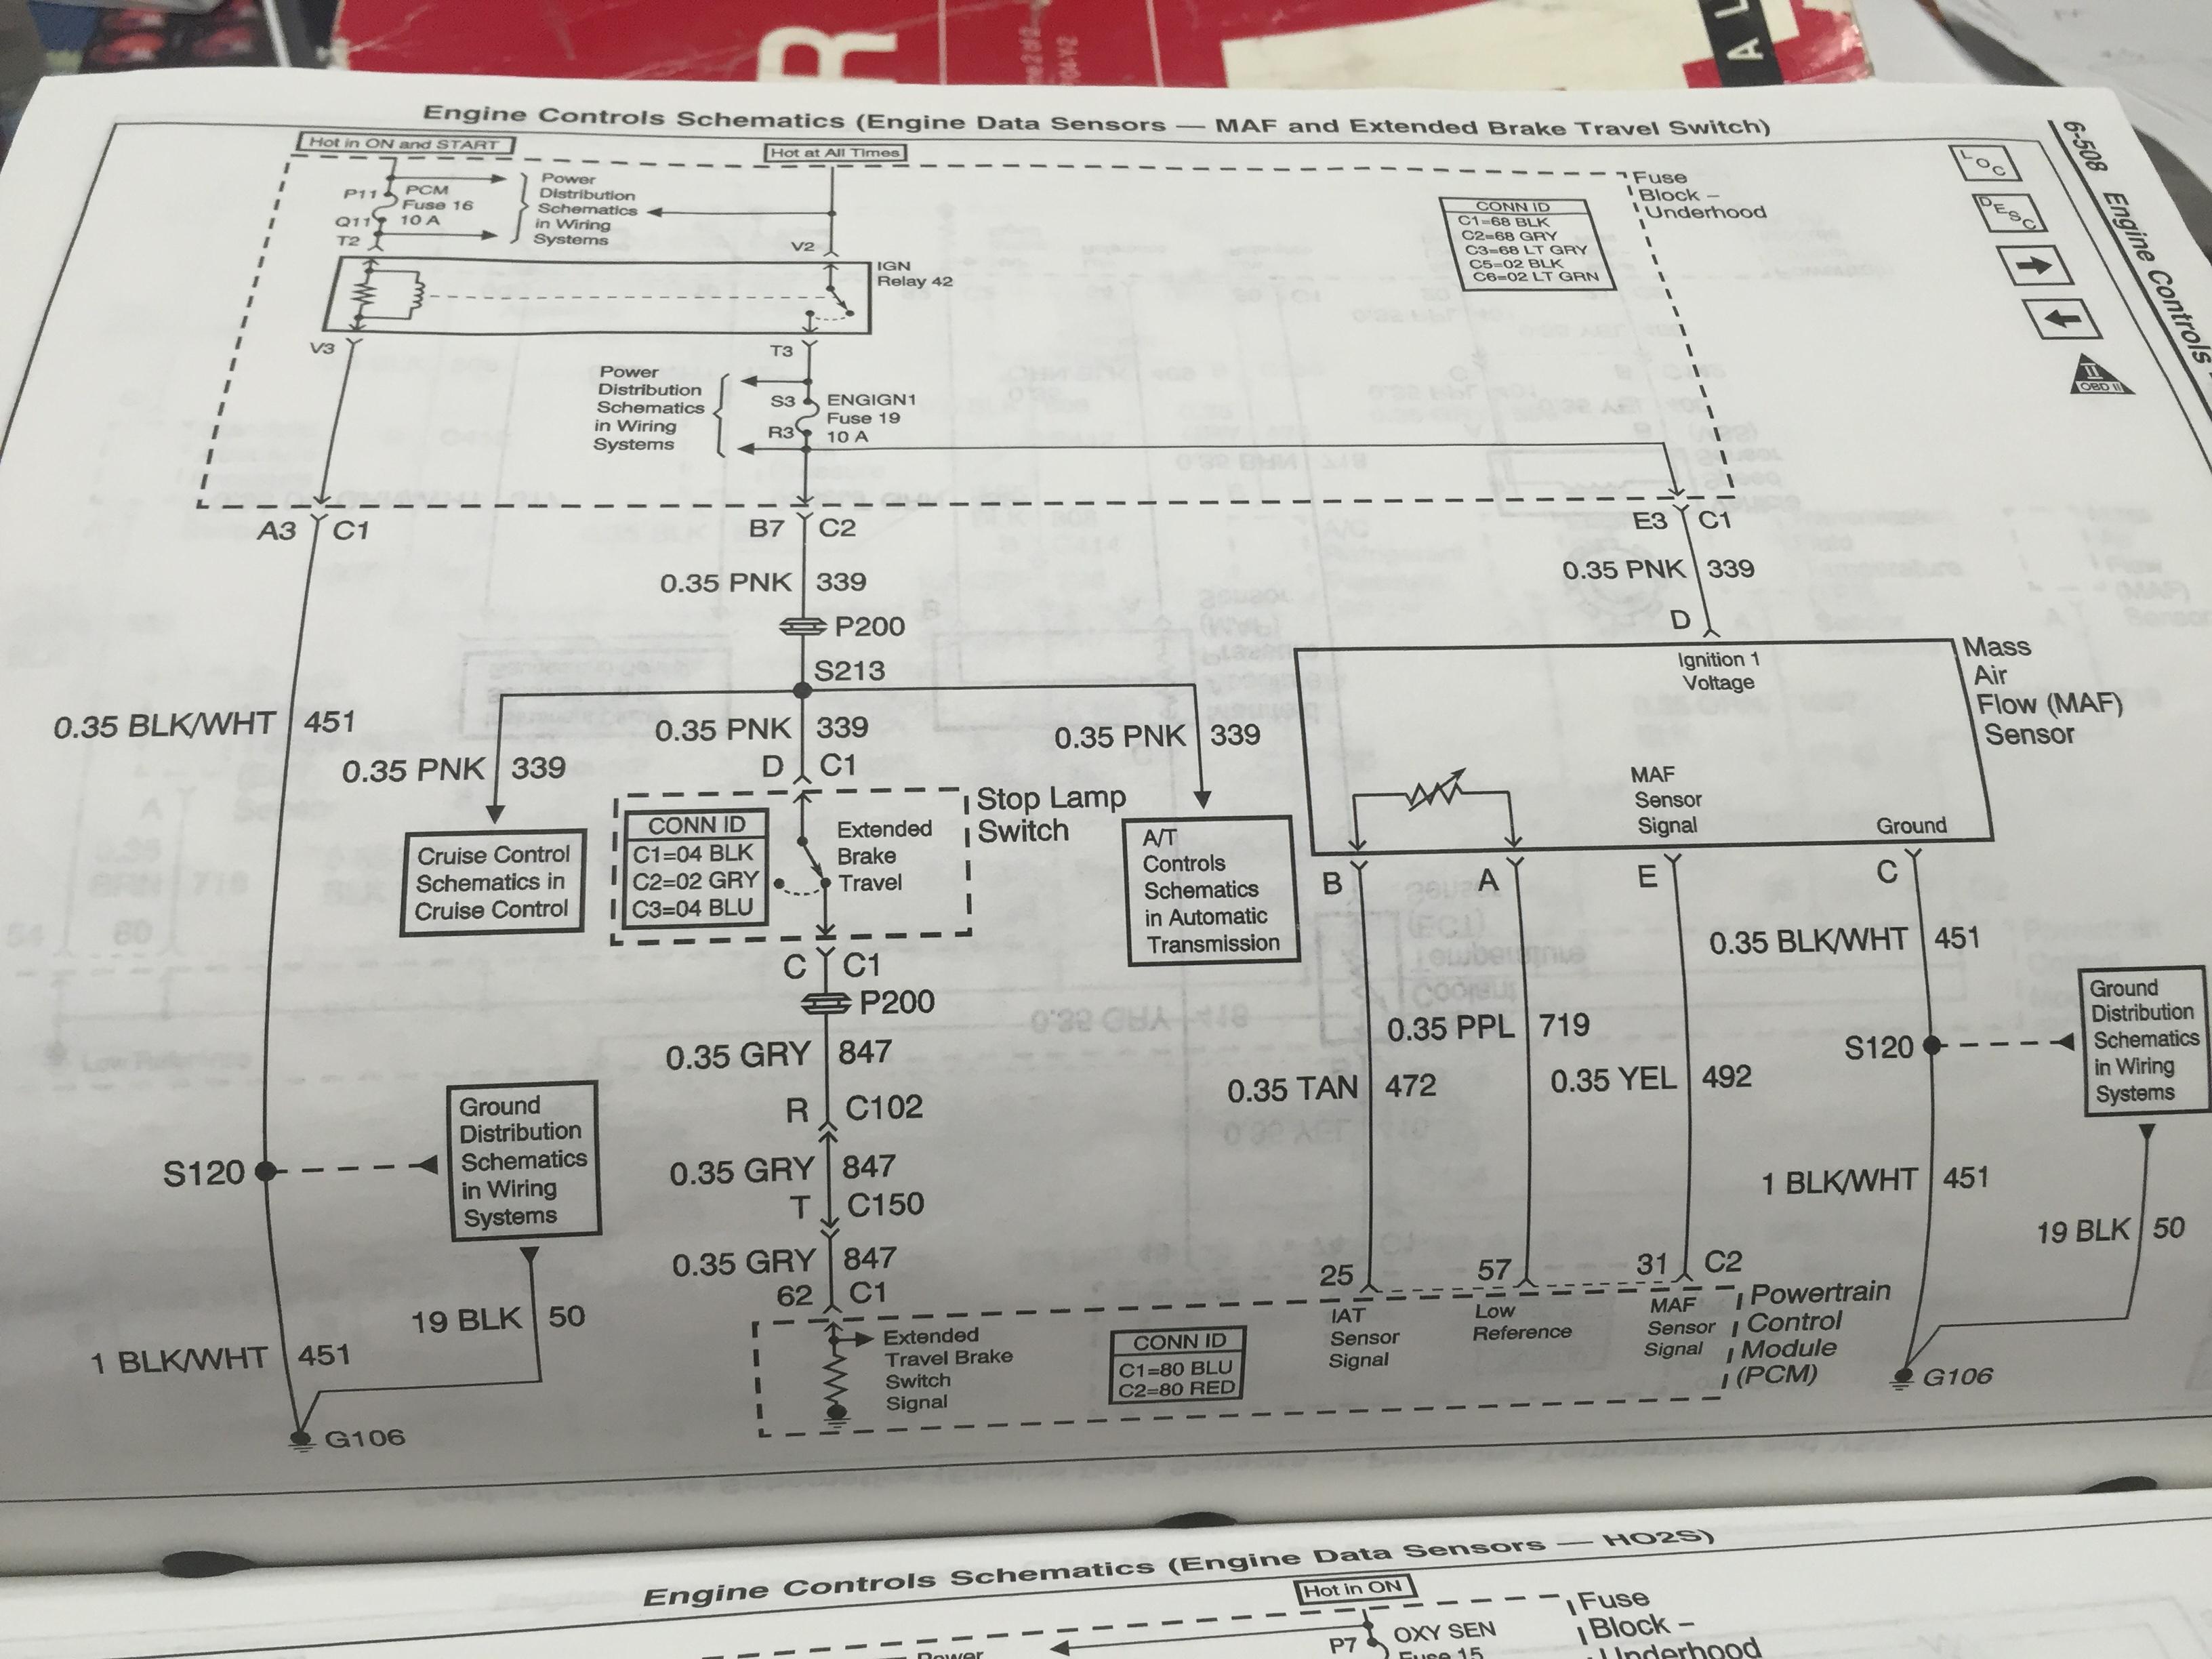 Maf: 5 Pin Ls6 Wiring To 5 Pin Ls7 Mass Air Flow Sensor - Maf Wiring Diagram